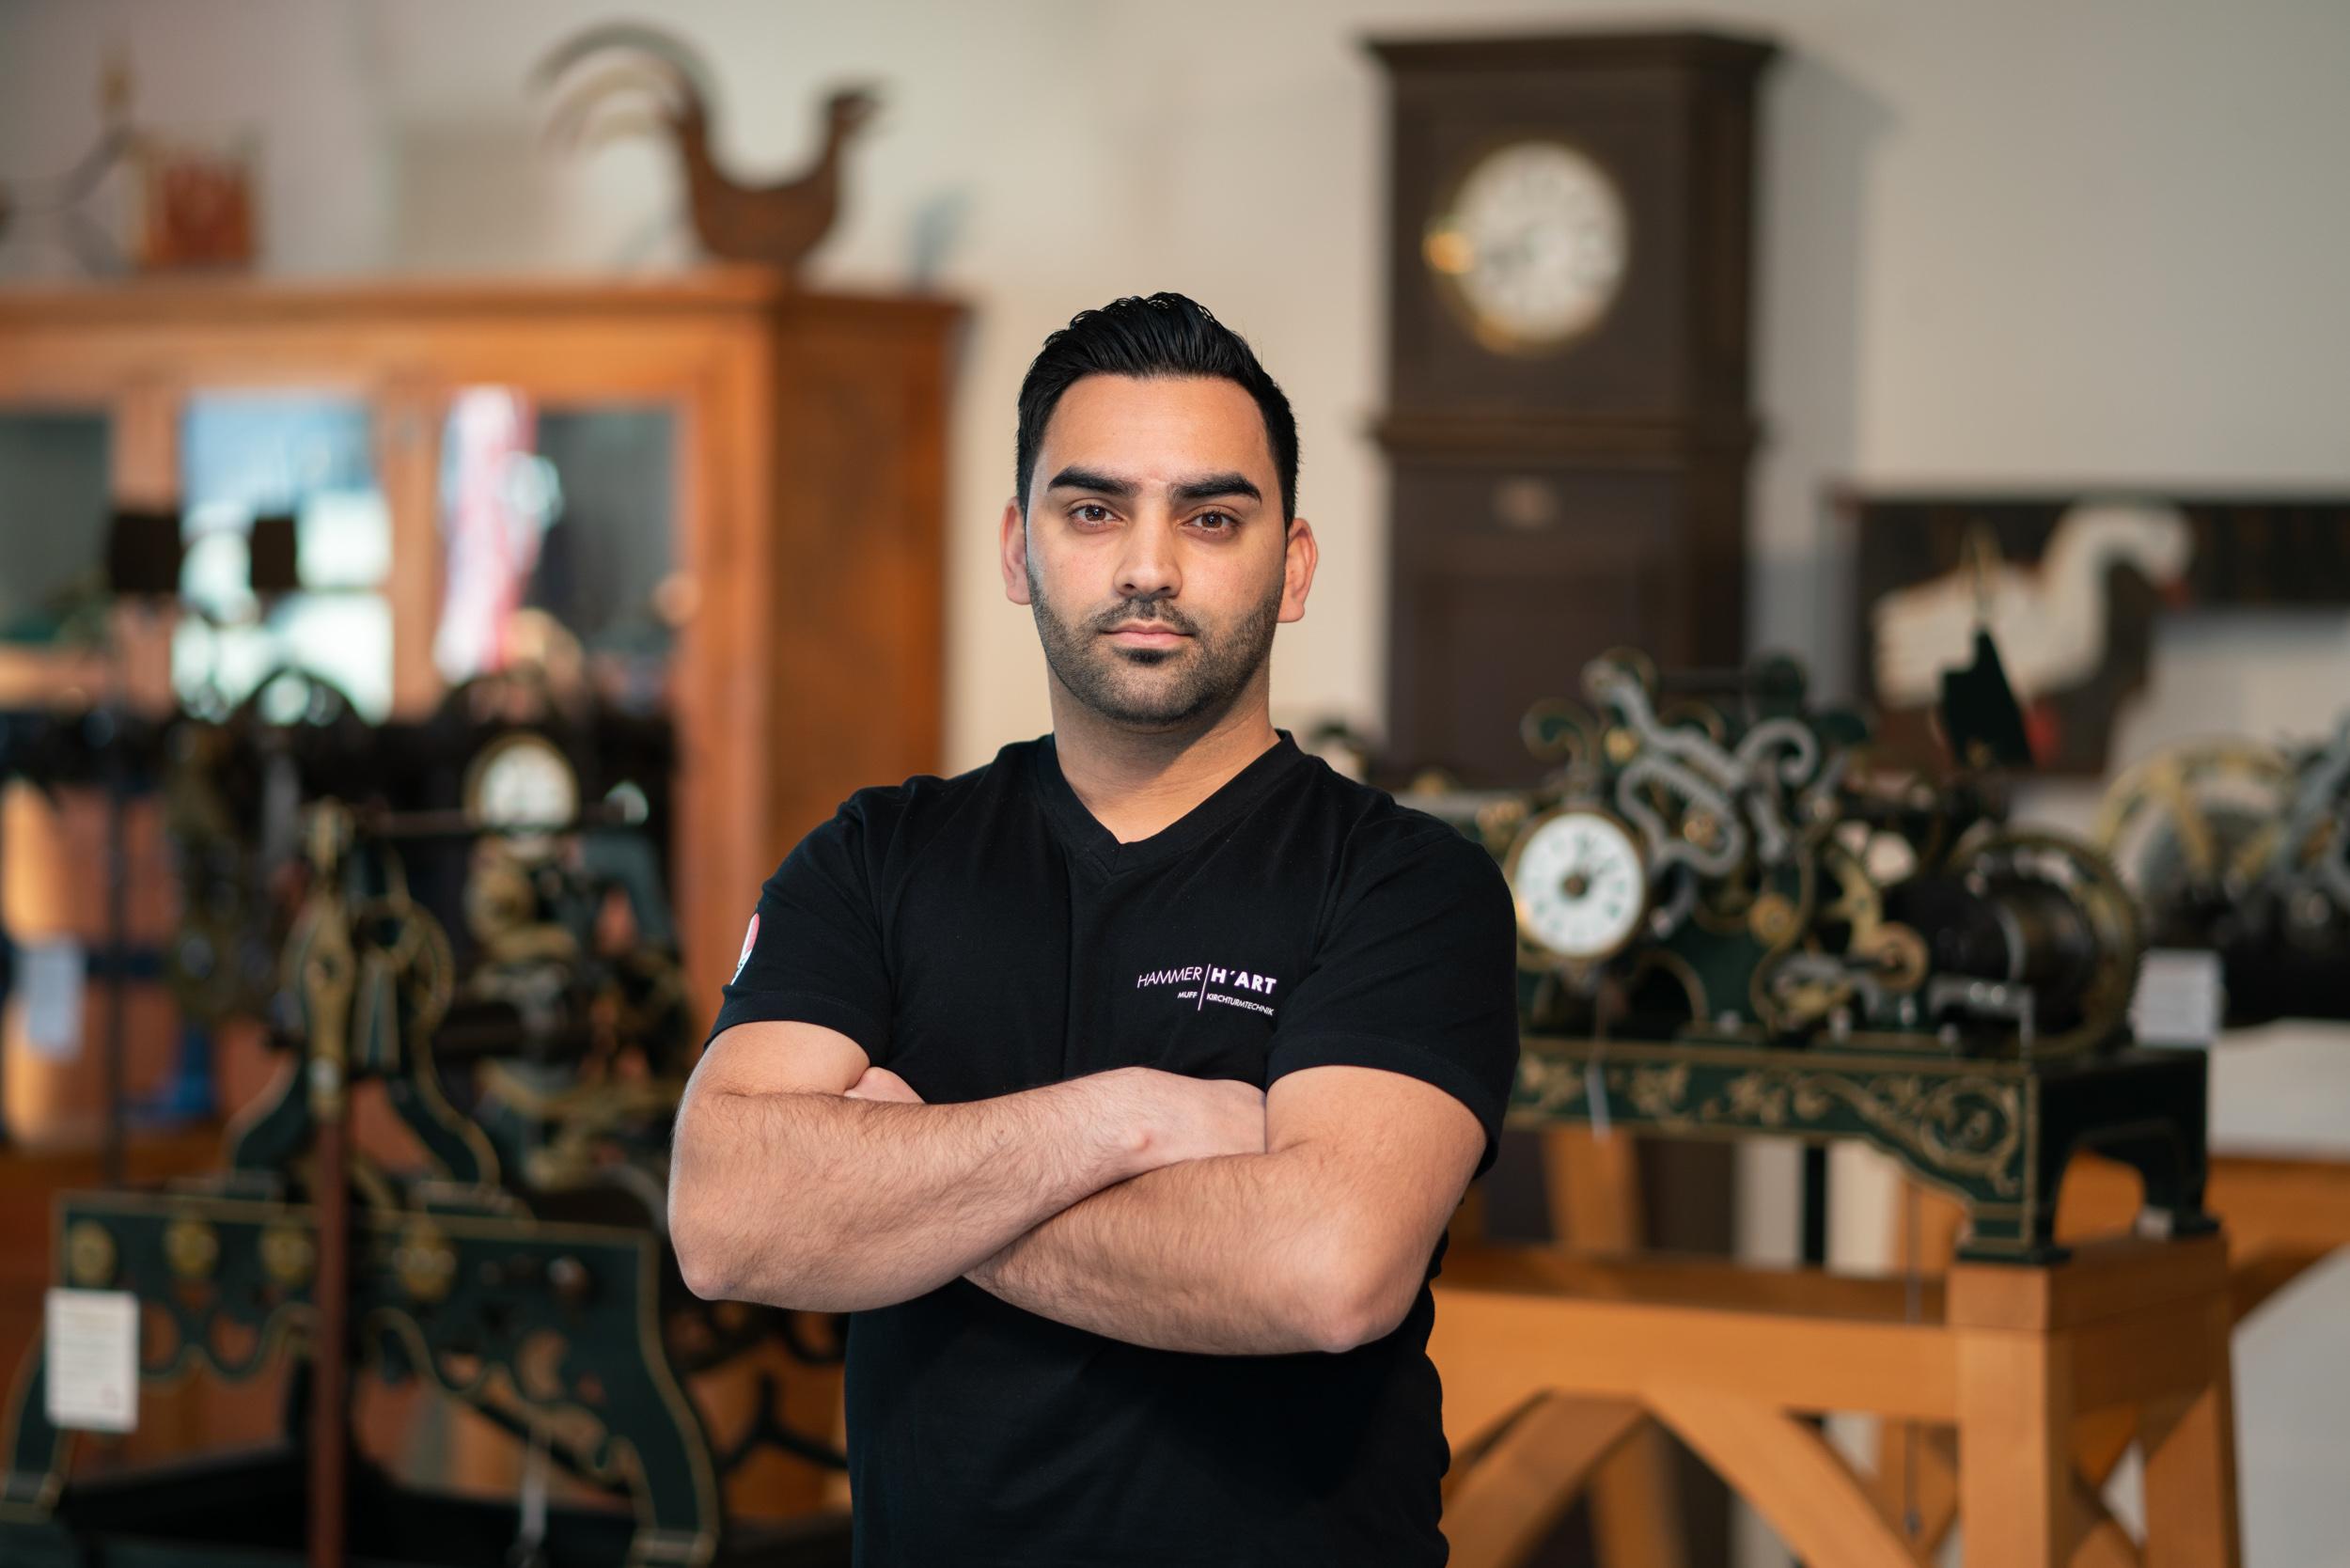 Ziehar Naim